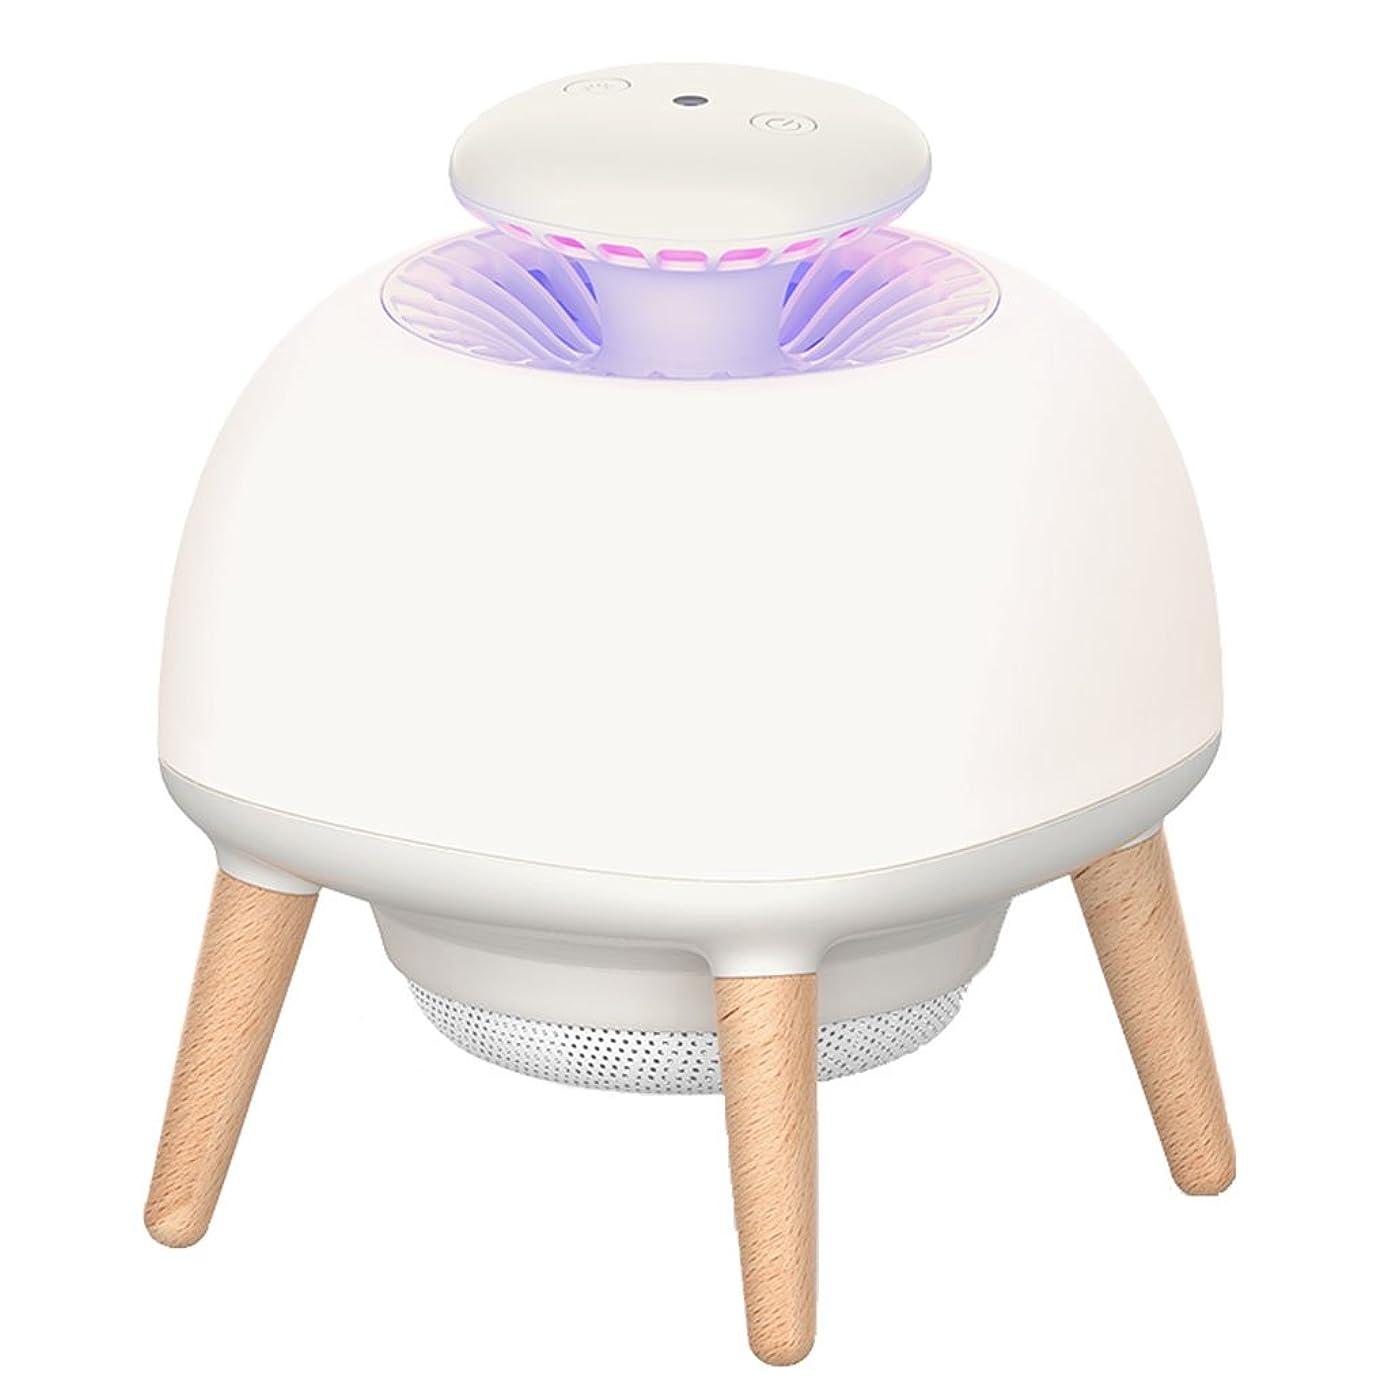 突進拍車ラップトップモスキート昆虫キラーランプ、LEDライト模擬体温フライングキラー忌避剤、USBモスキートトラップ昆虫キャッチャー、スリーモード